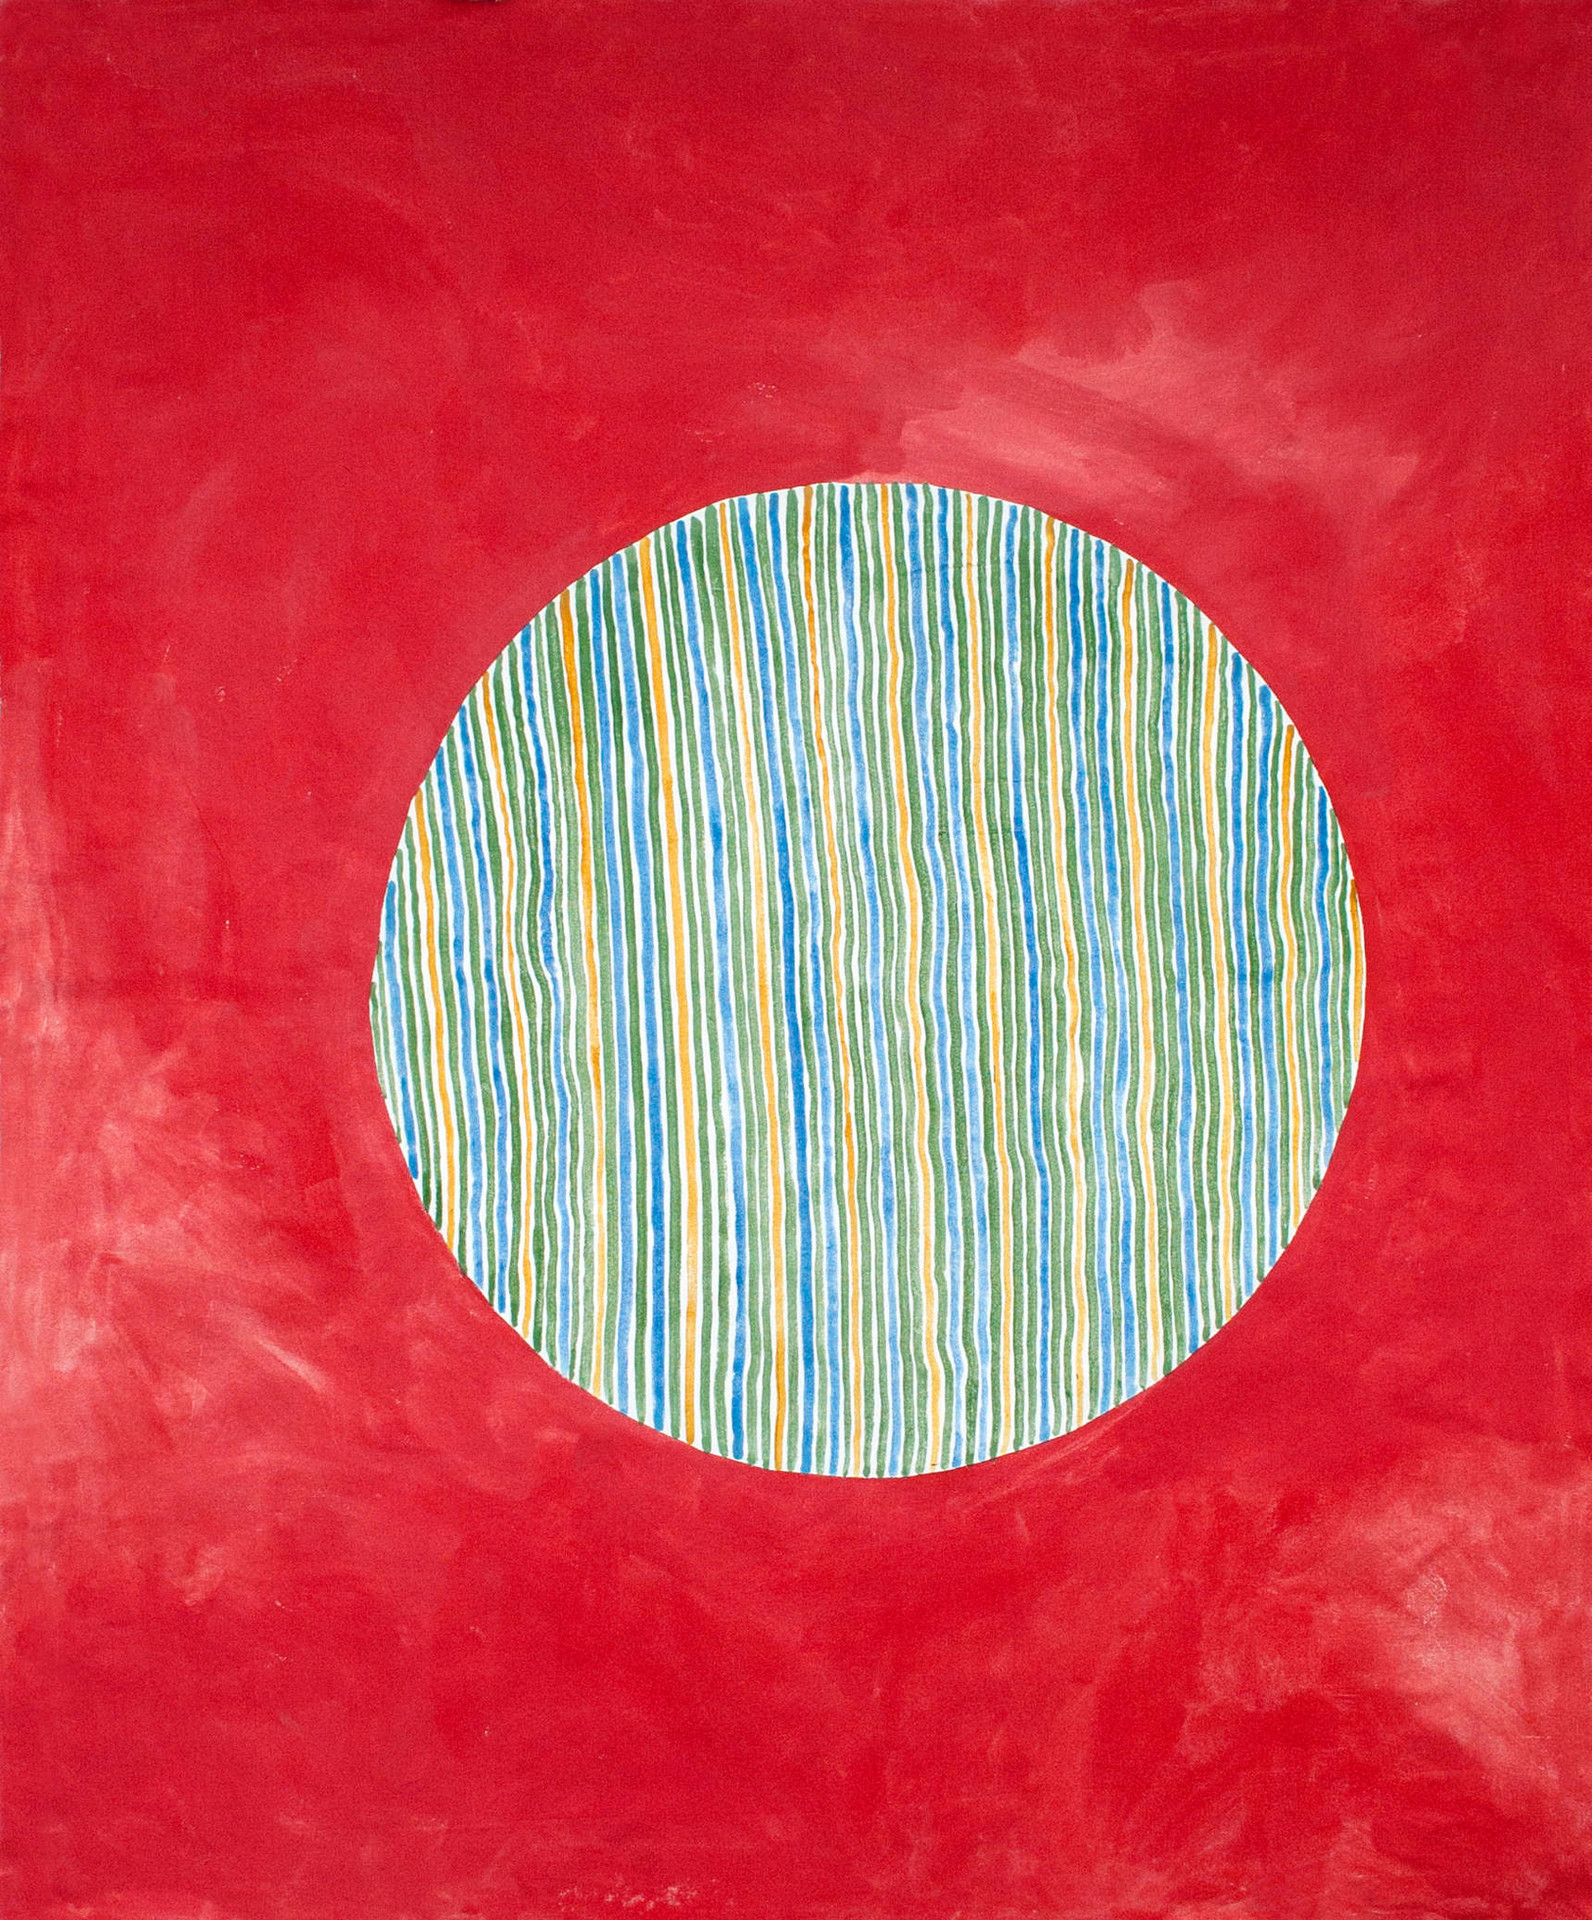 Pall, 170x120 cm, tempera och akryl på bomullsduk, 2018